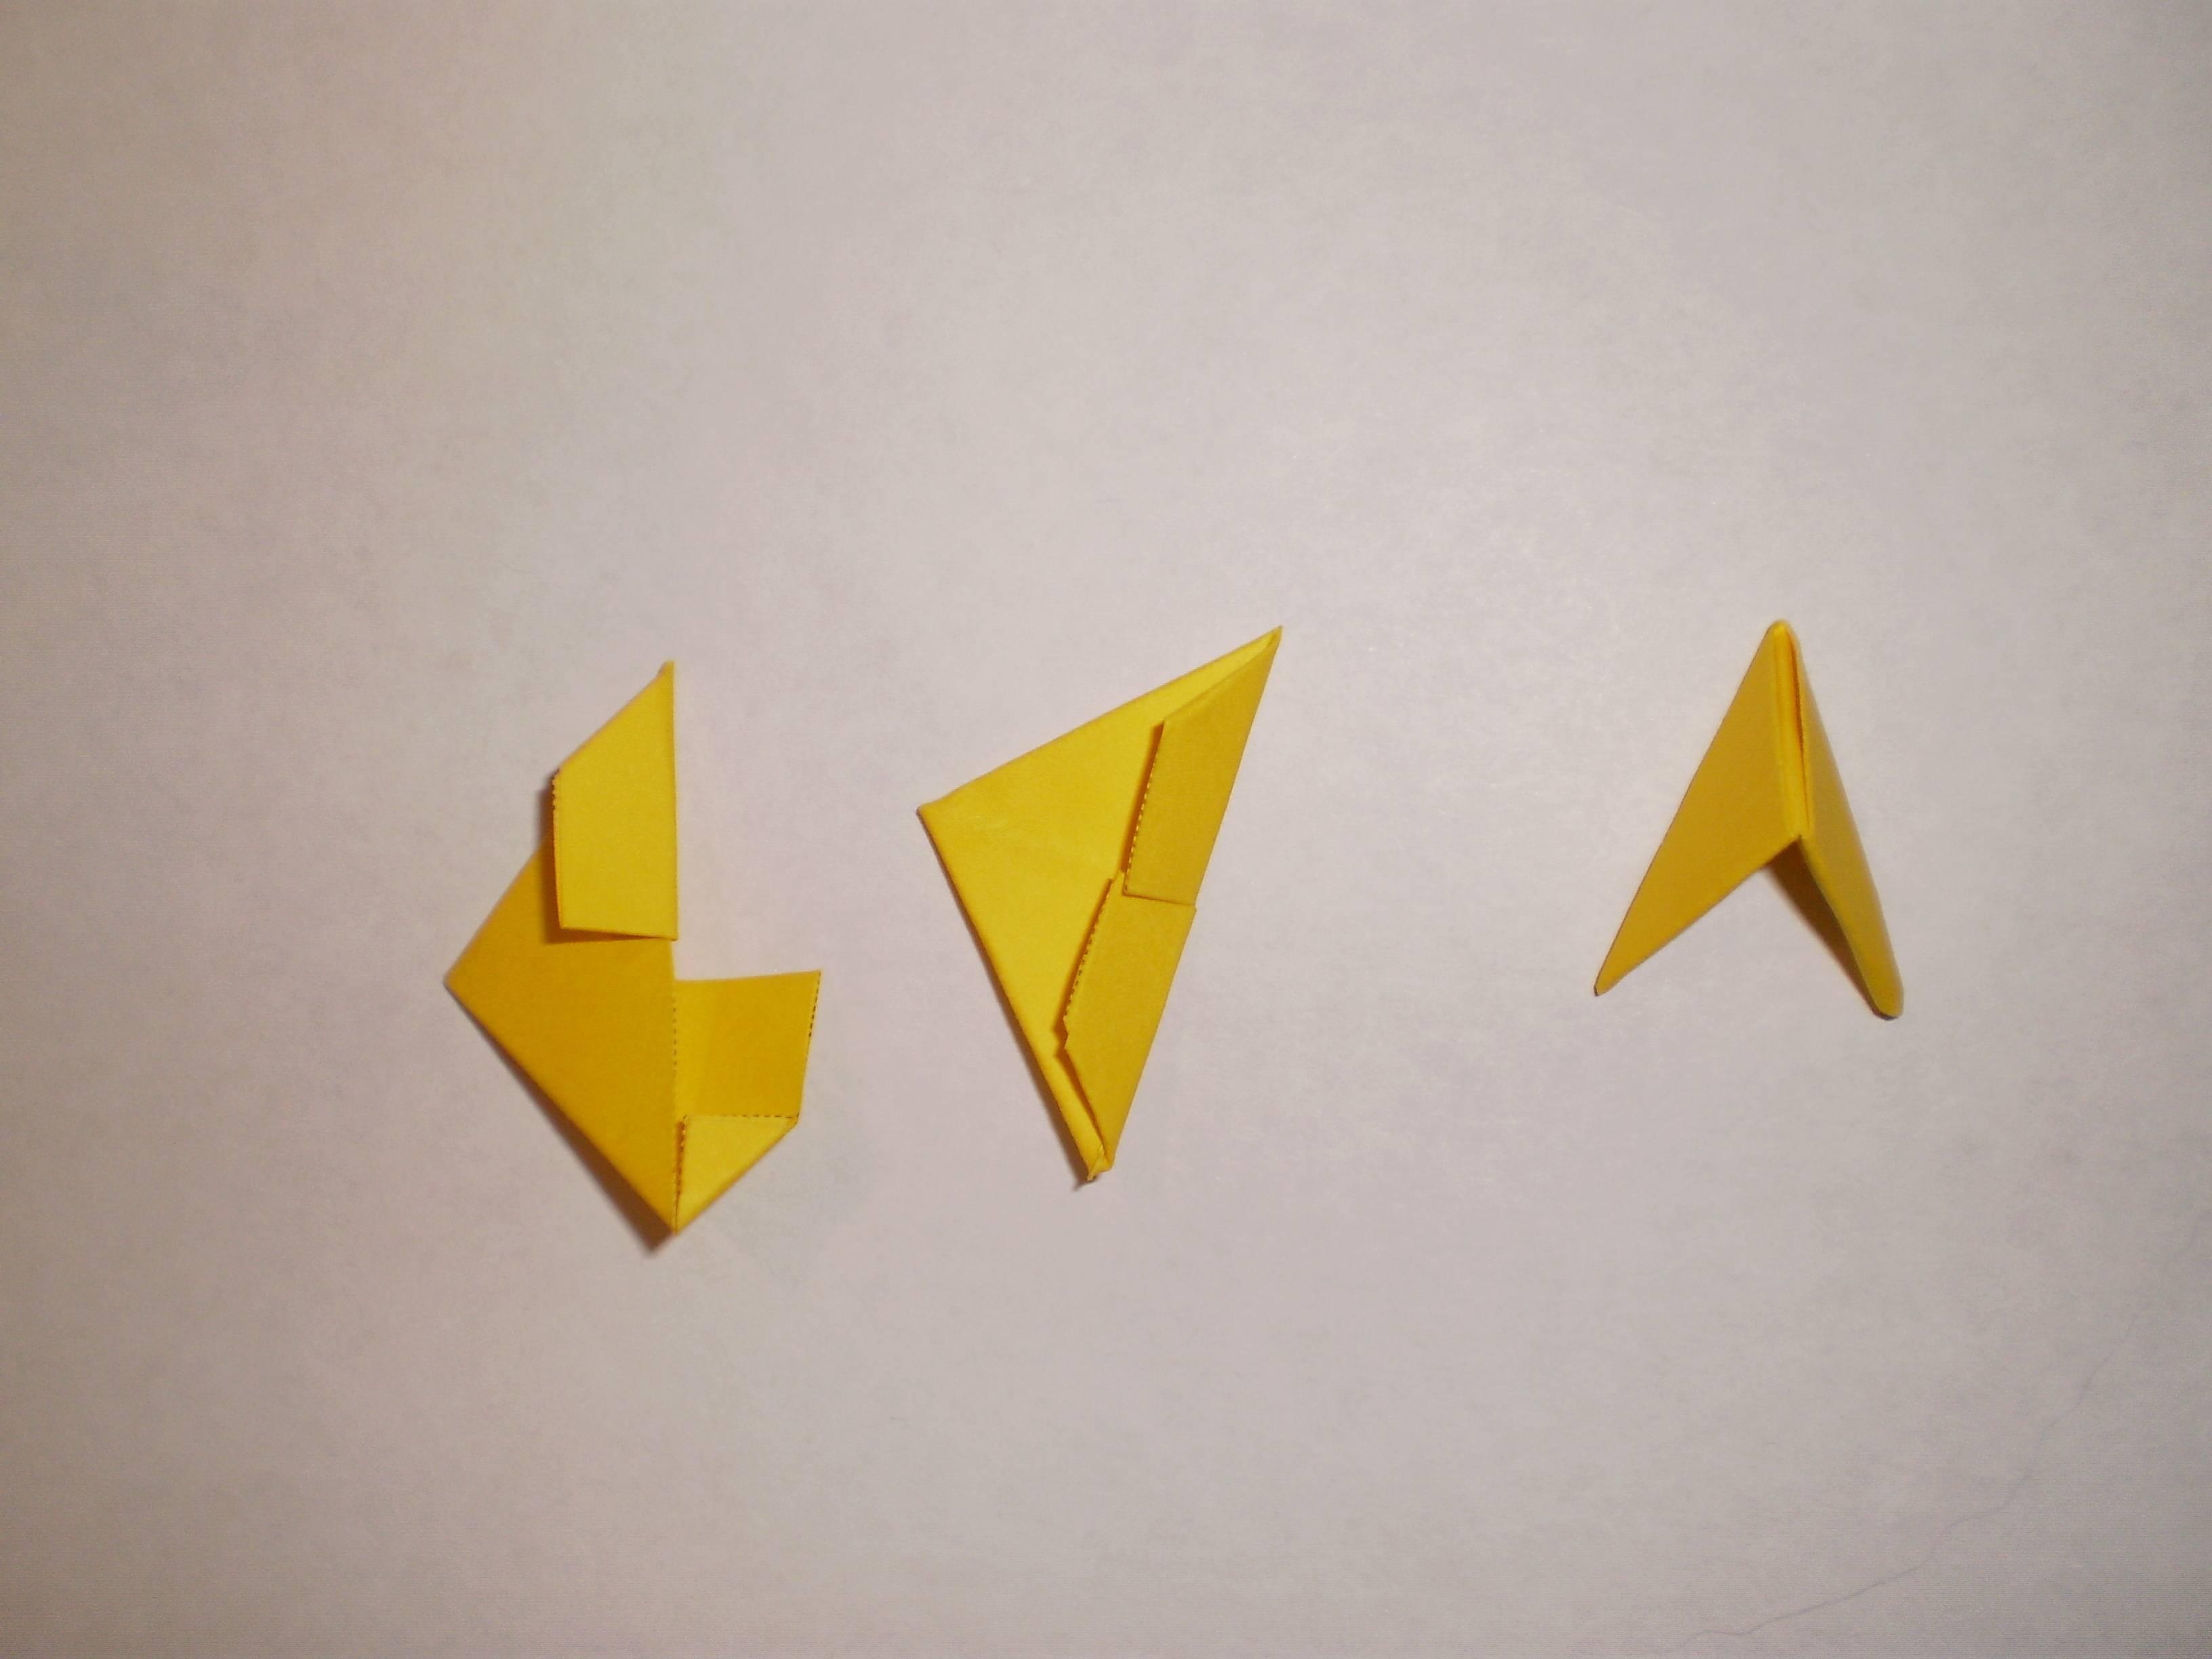 Набор участников на сборку Змеи - символ 2013. Модульное оригами! - Страница 5 941d9f5bb6e1c1d1faf6b6a8ea4b3ee4